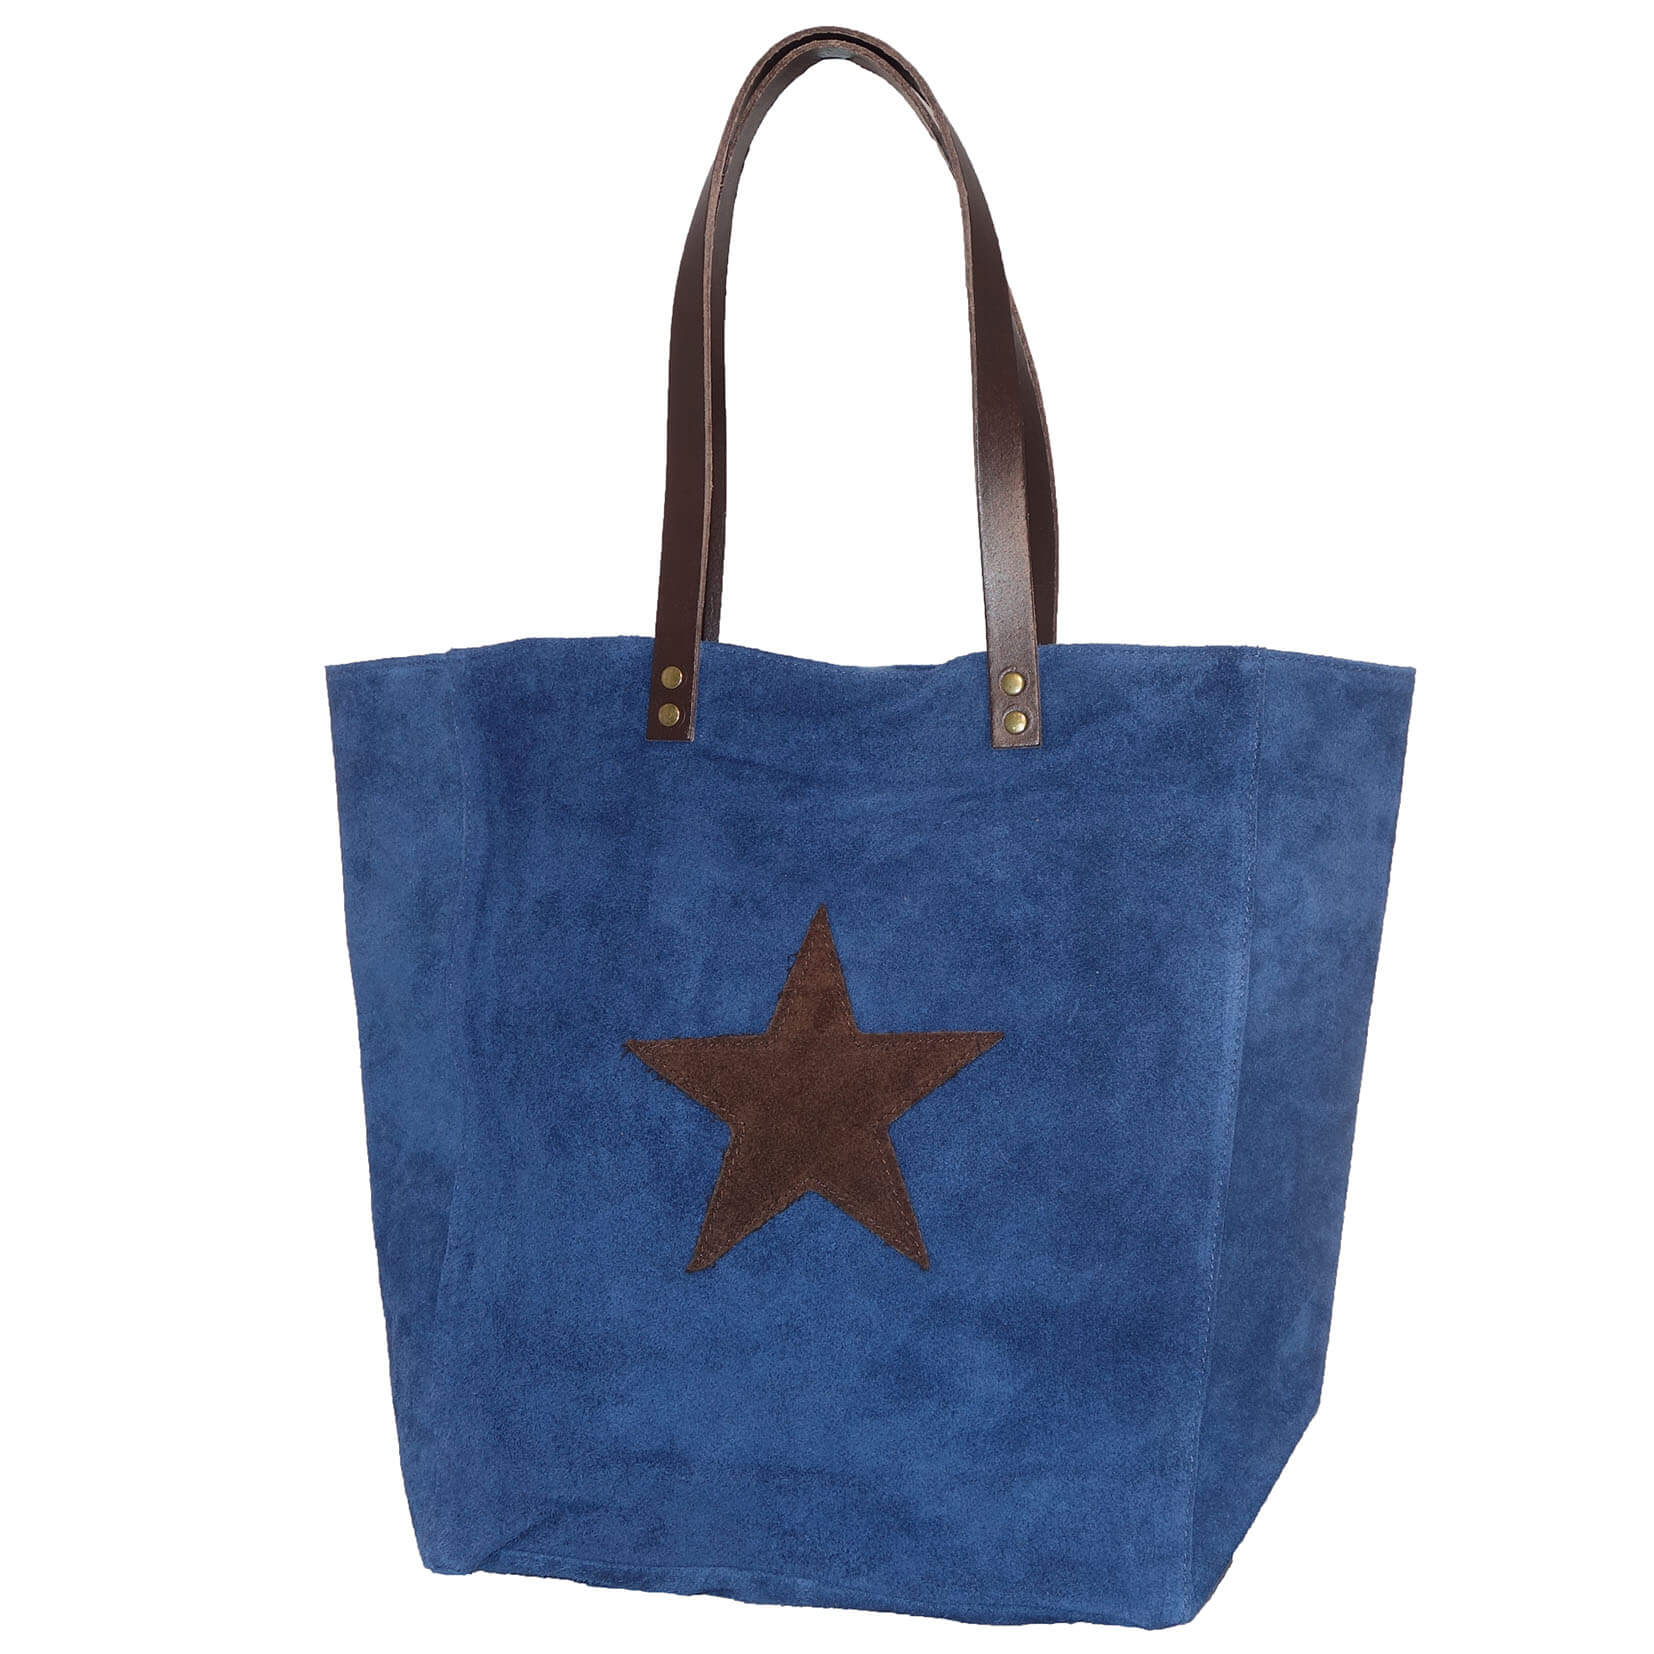 Véritable Shopper En Daim Avec Étoile Bleue 4EWSiLXLFx